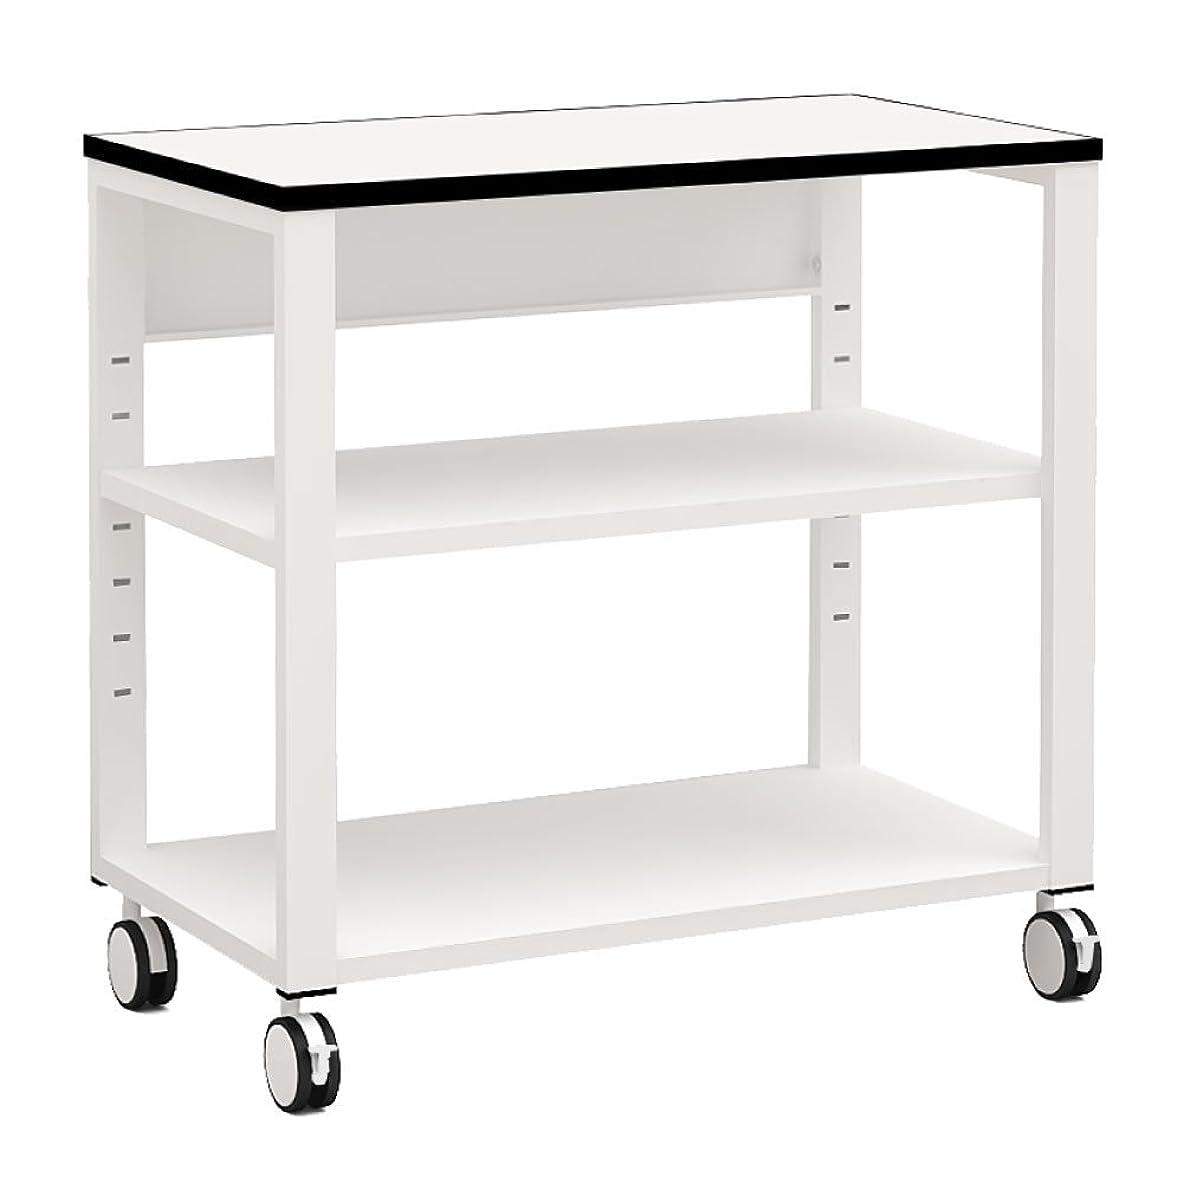 意志に反する粘液金属家具のAKIRA プリンター台 プリンターラック 幅70cm 奥行40cm 高さ70cm ホワイト